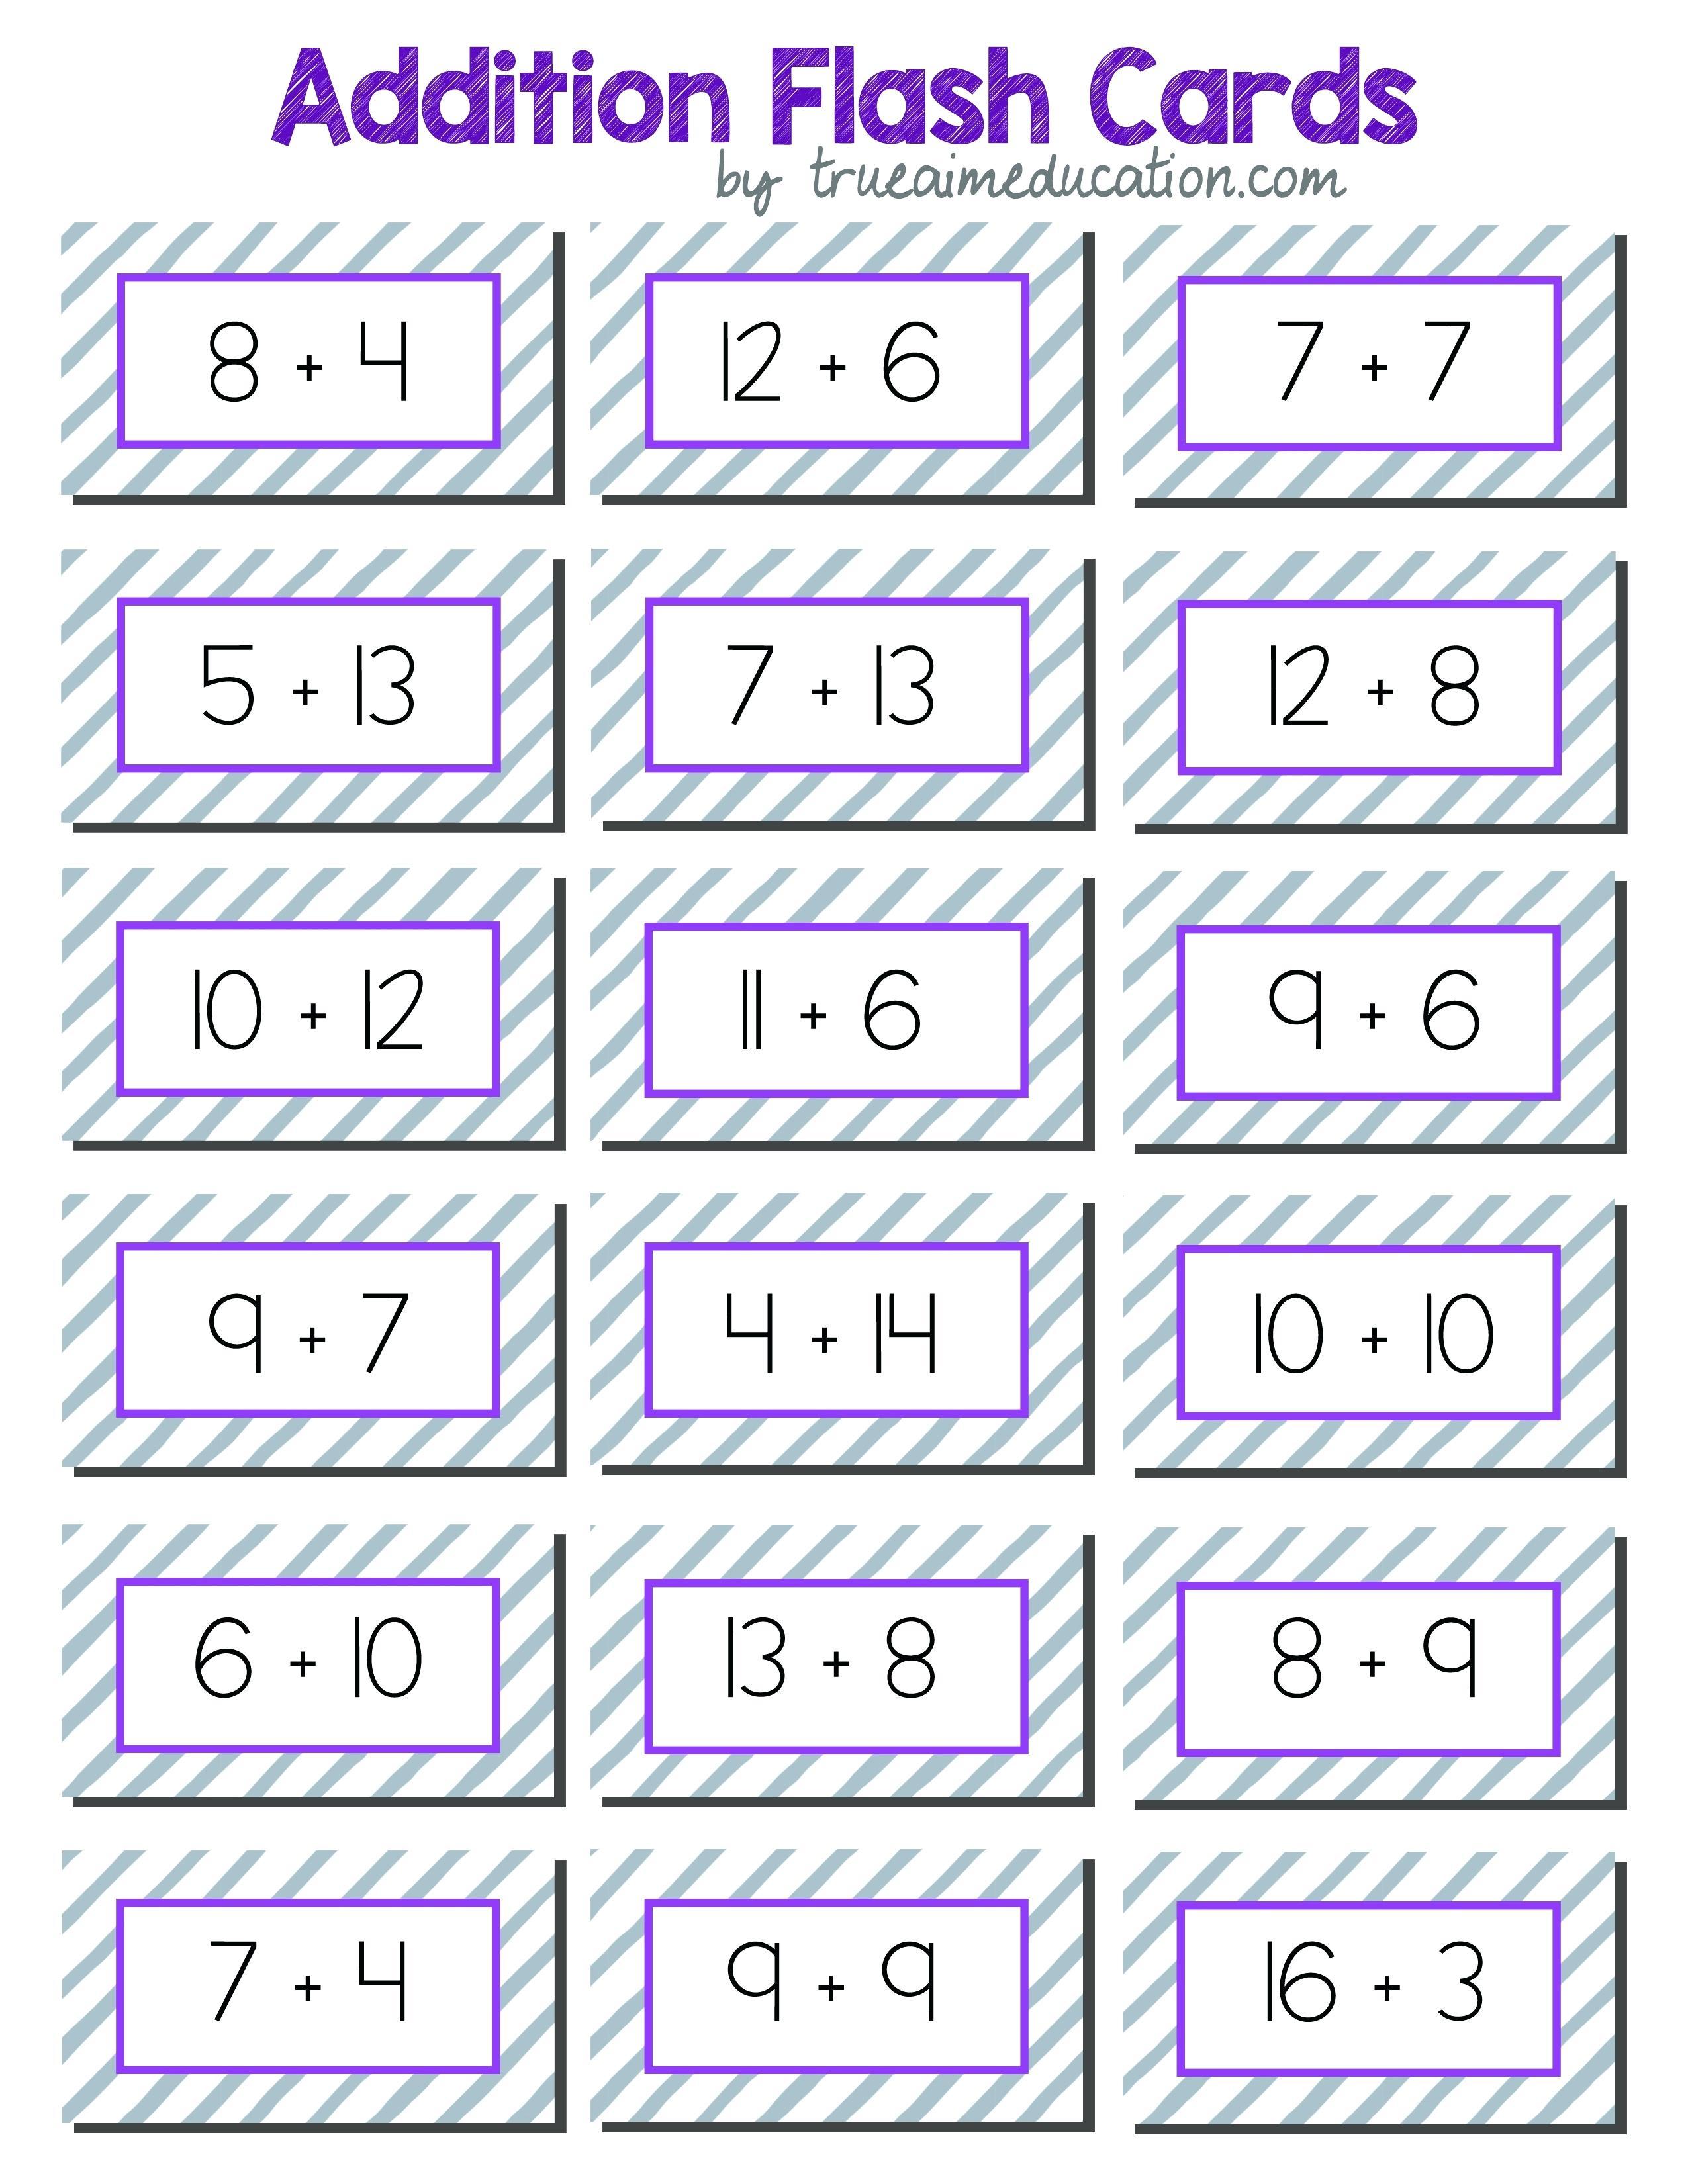 Preschool Flashcards Math Addition – Mymaui.club - Free Printable Addition Flash Cards